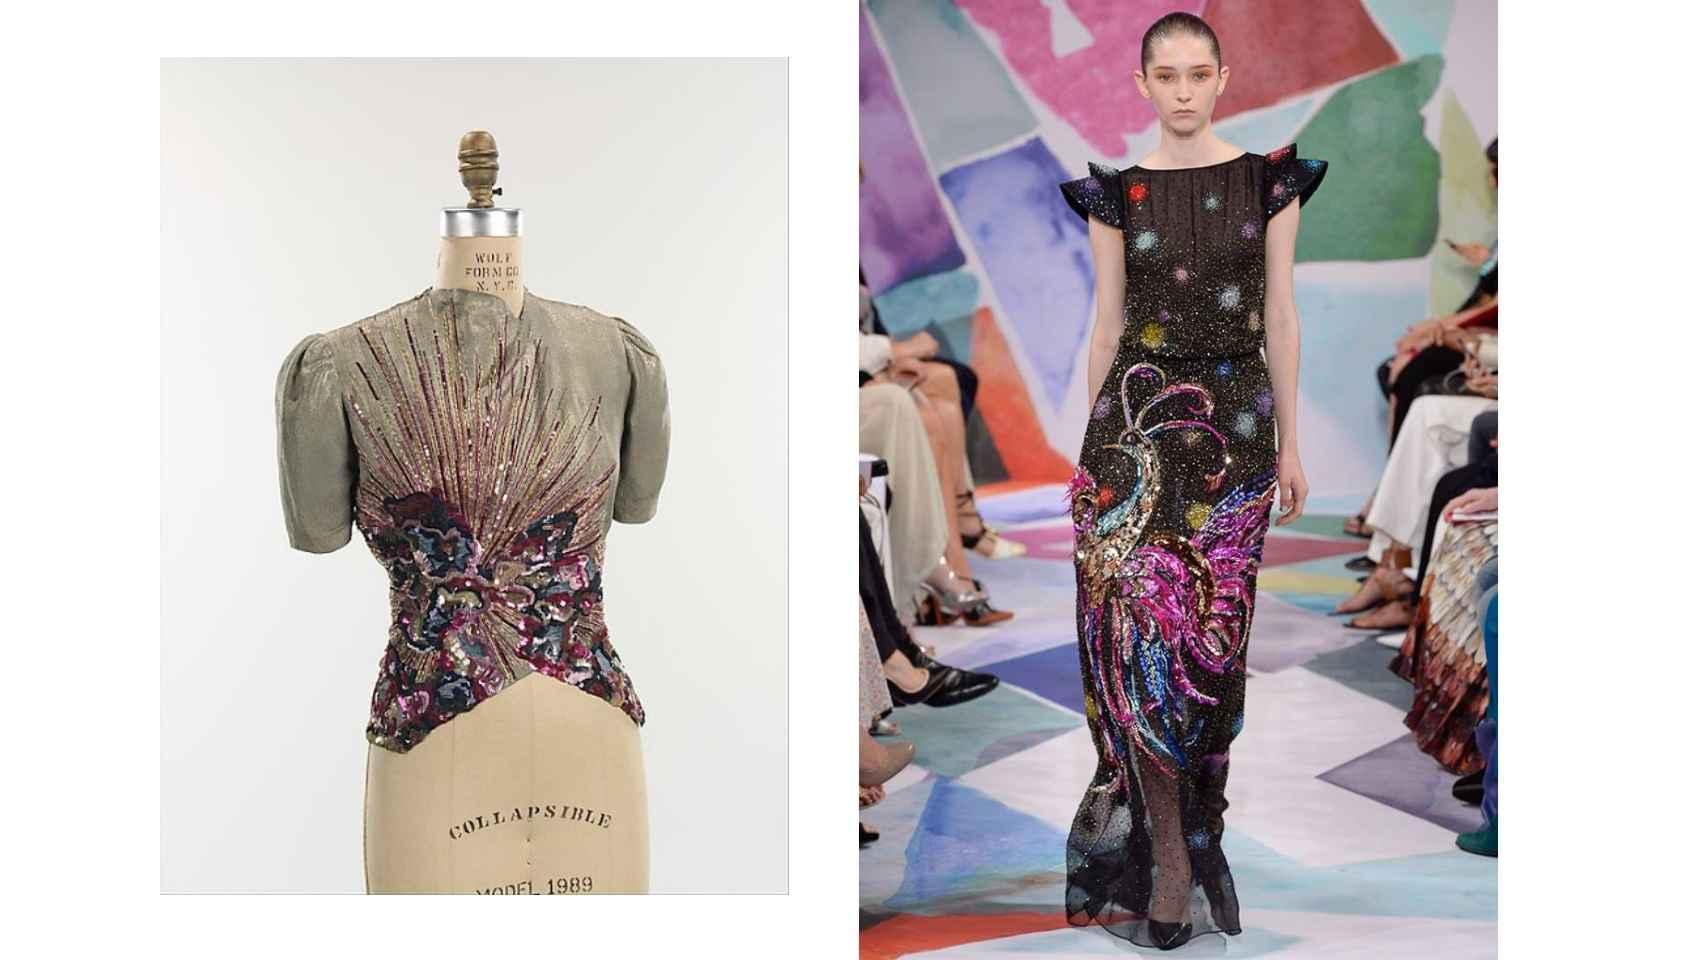 Explosión de color en los bordados de la chaqueta, original de la diseñadora surrealista, y la versión del siglo XXI de Bertrand Guyon.